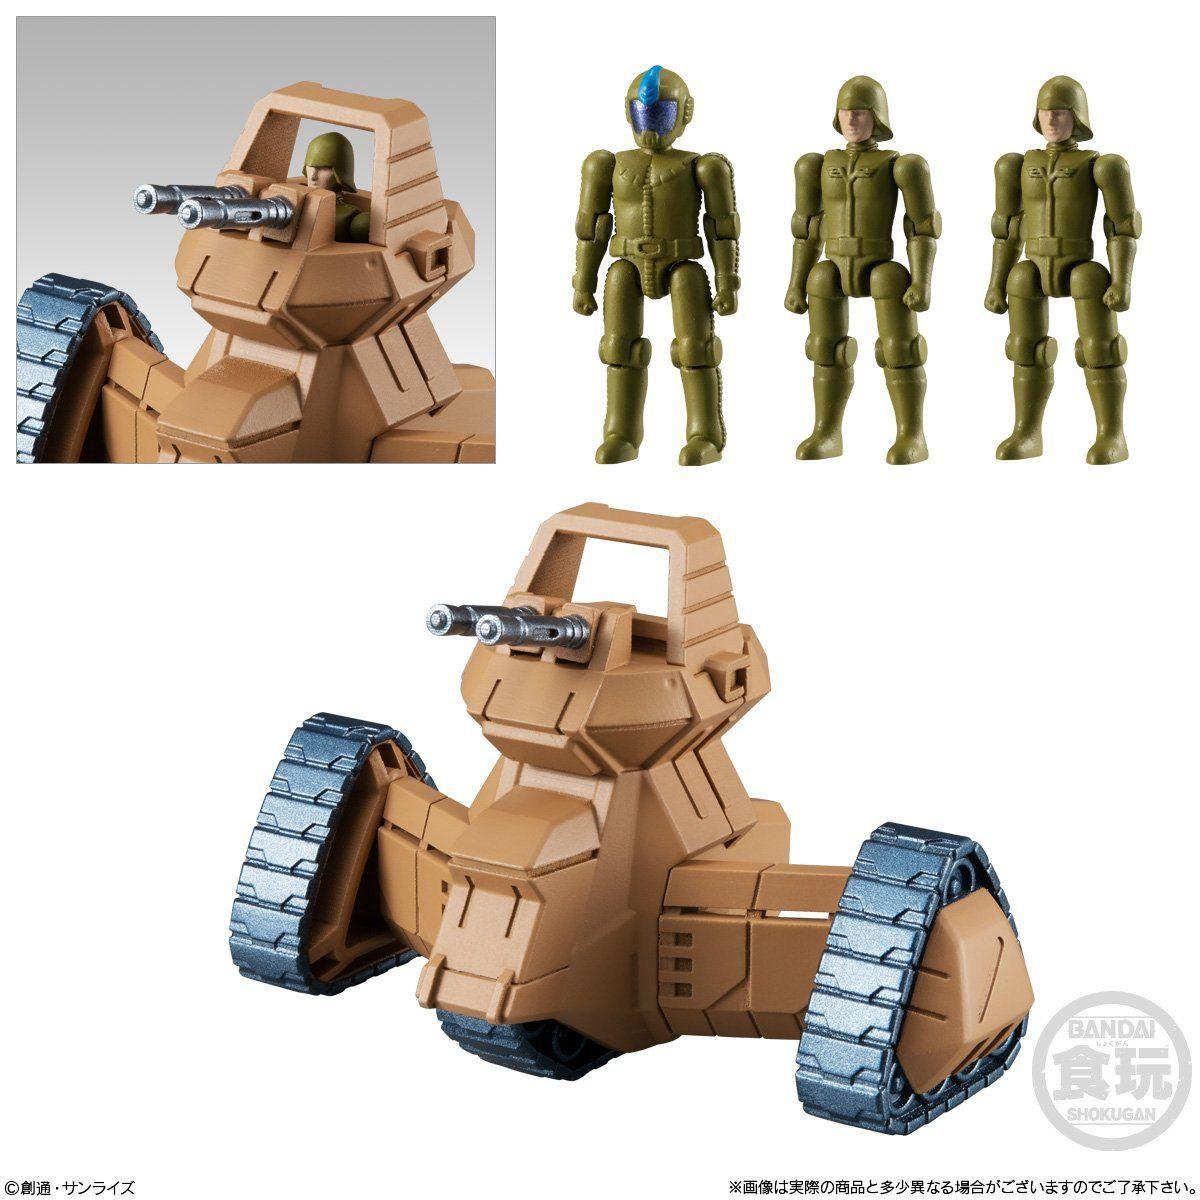 【食玩】機動戦士ガンダム『マイクロウォーズ2』10個入りBOX-006